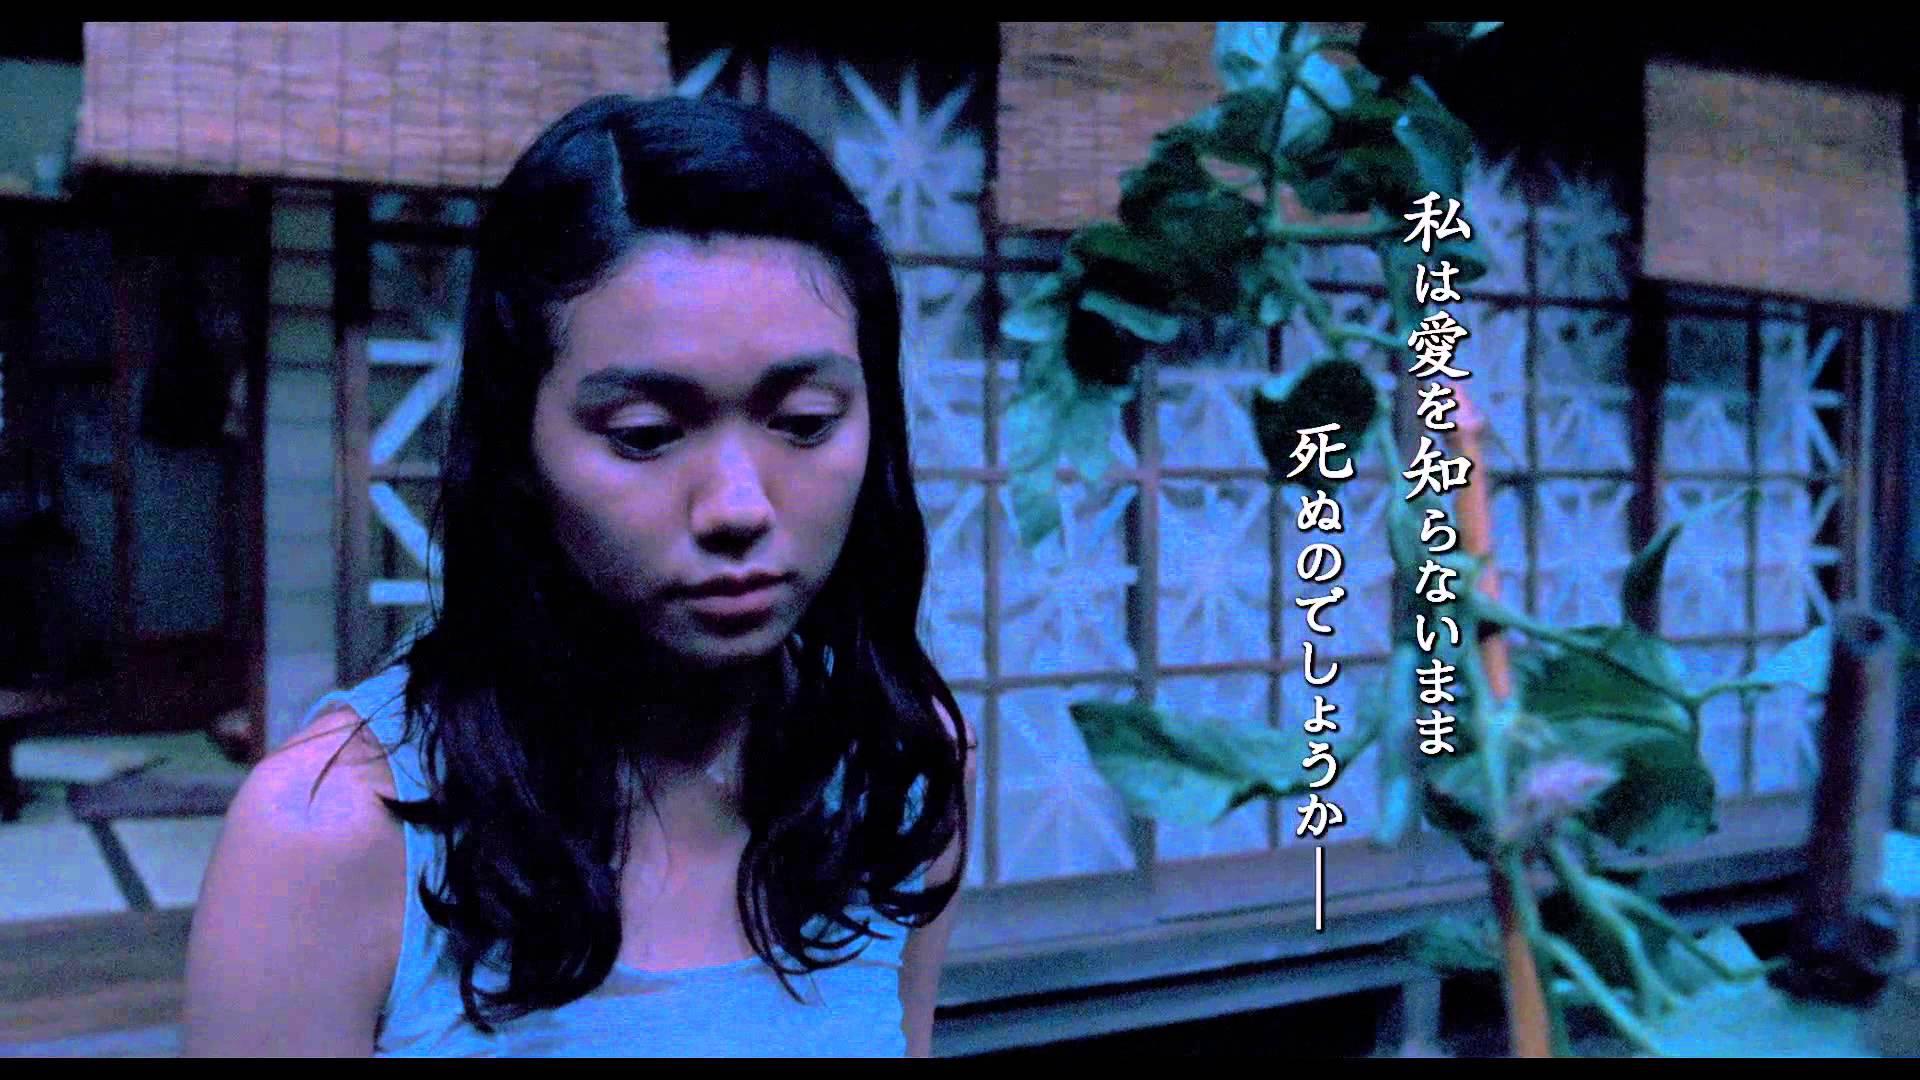 私は愛を知らないまま死ぬのでしょうか   映画『この国の空』